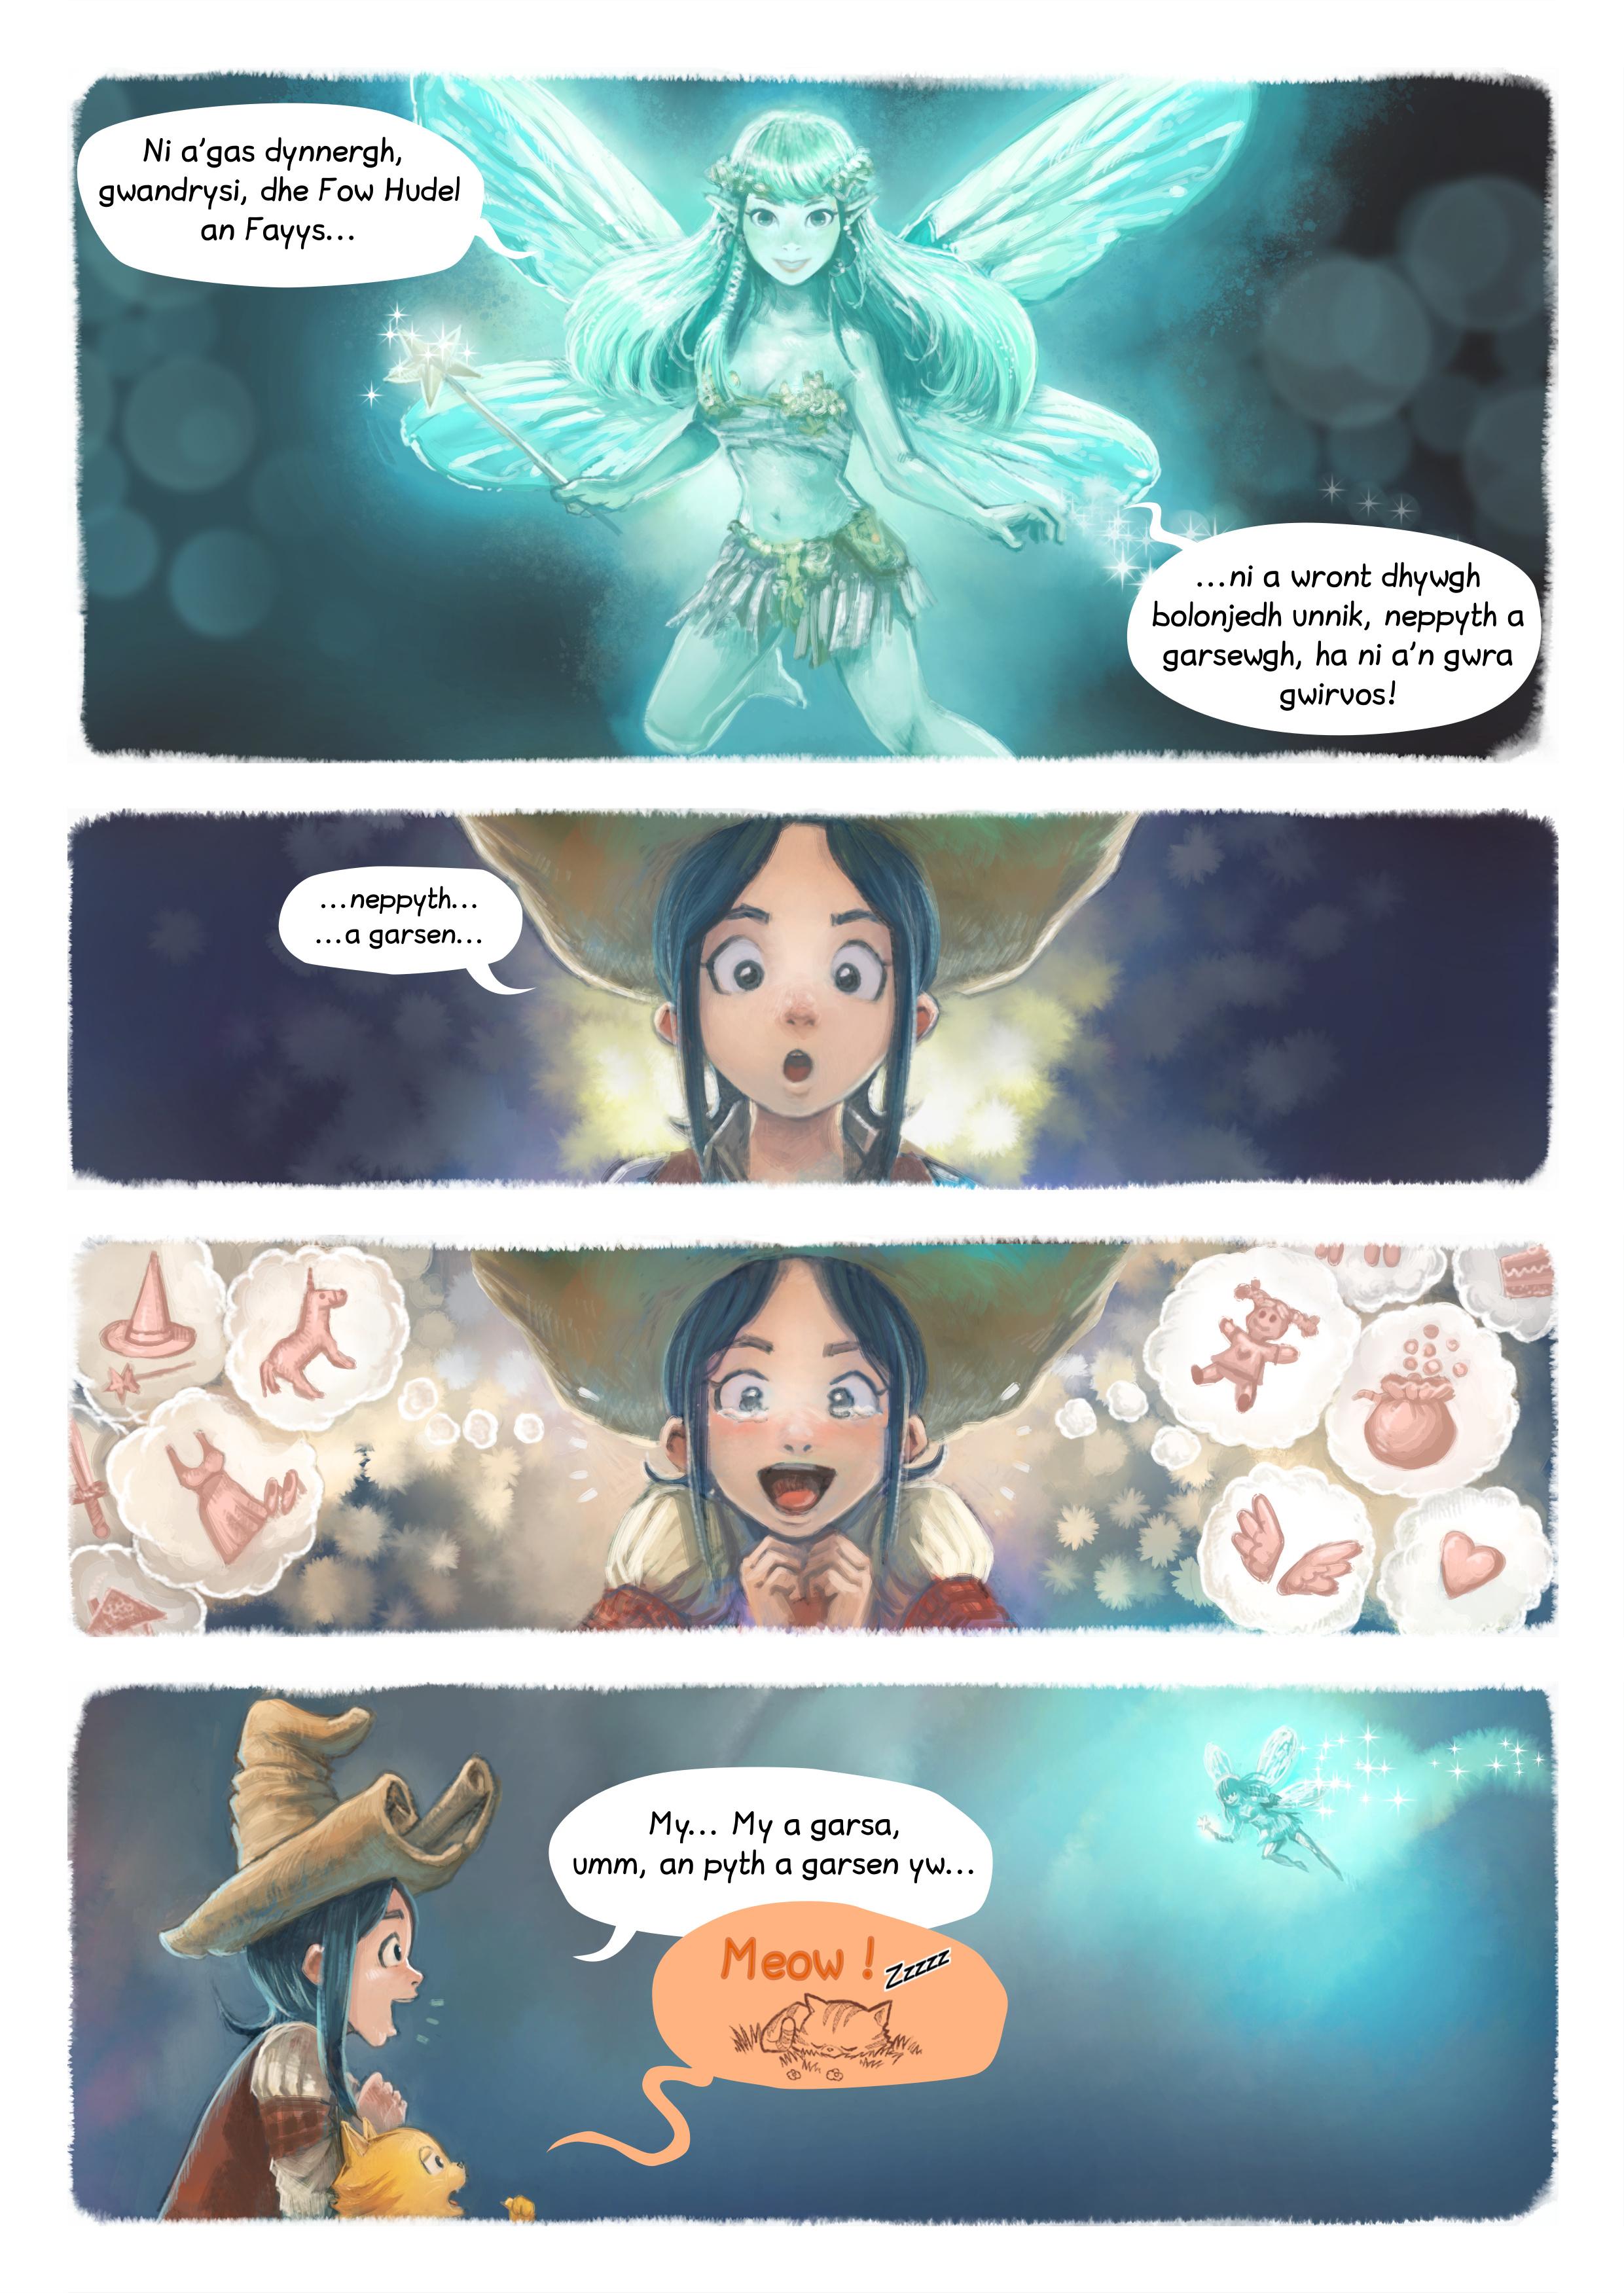 Rann 7: An Bolonjedh, Page 4